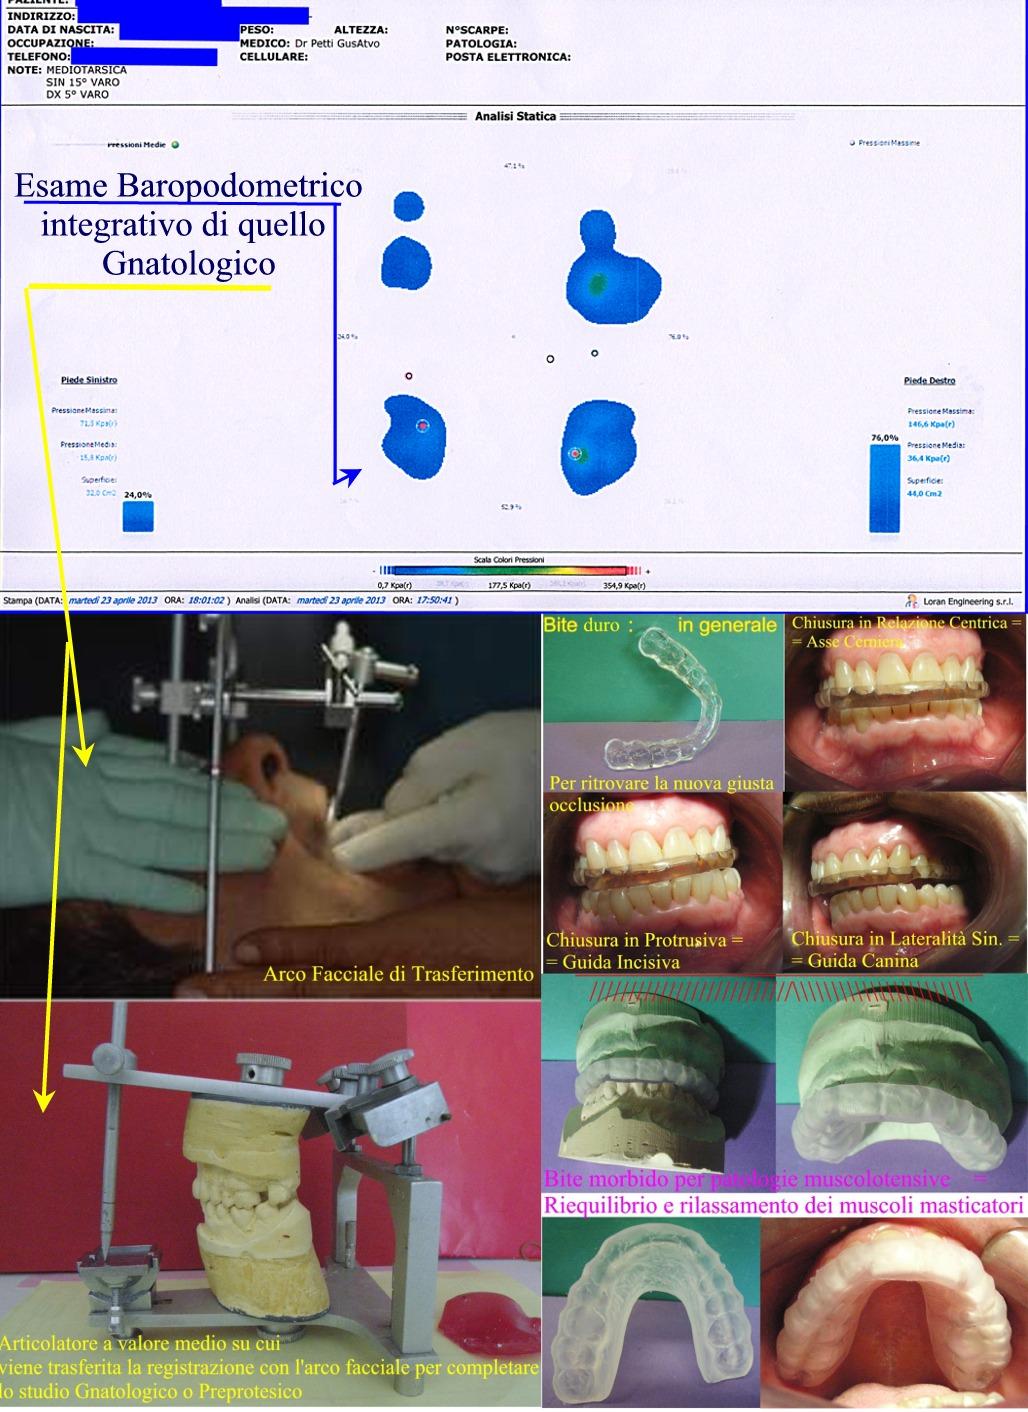 Poster dimostrativo di una analisi podometrica statica, di un arco facciale con articolatore a valore medio e di diversi tipi di bite in uno studio Gnatologico Da casistica del Dr. Gustavo Petti Parodontologo Gnatologo di Cagliari